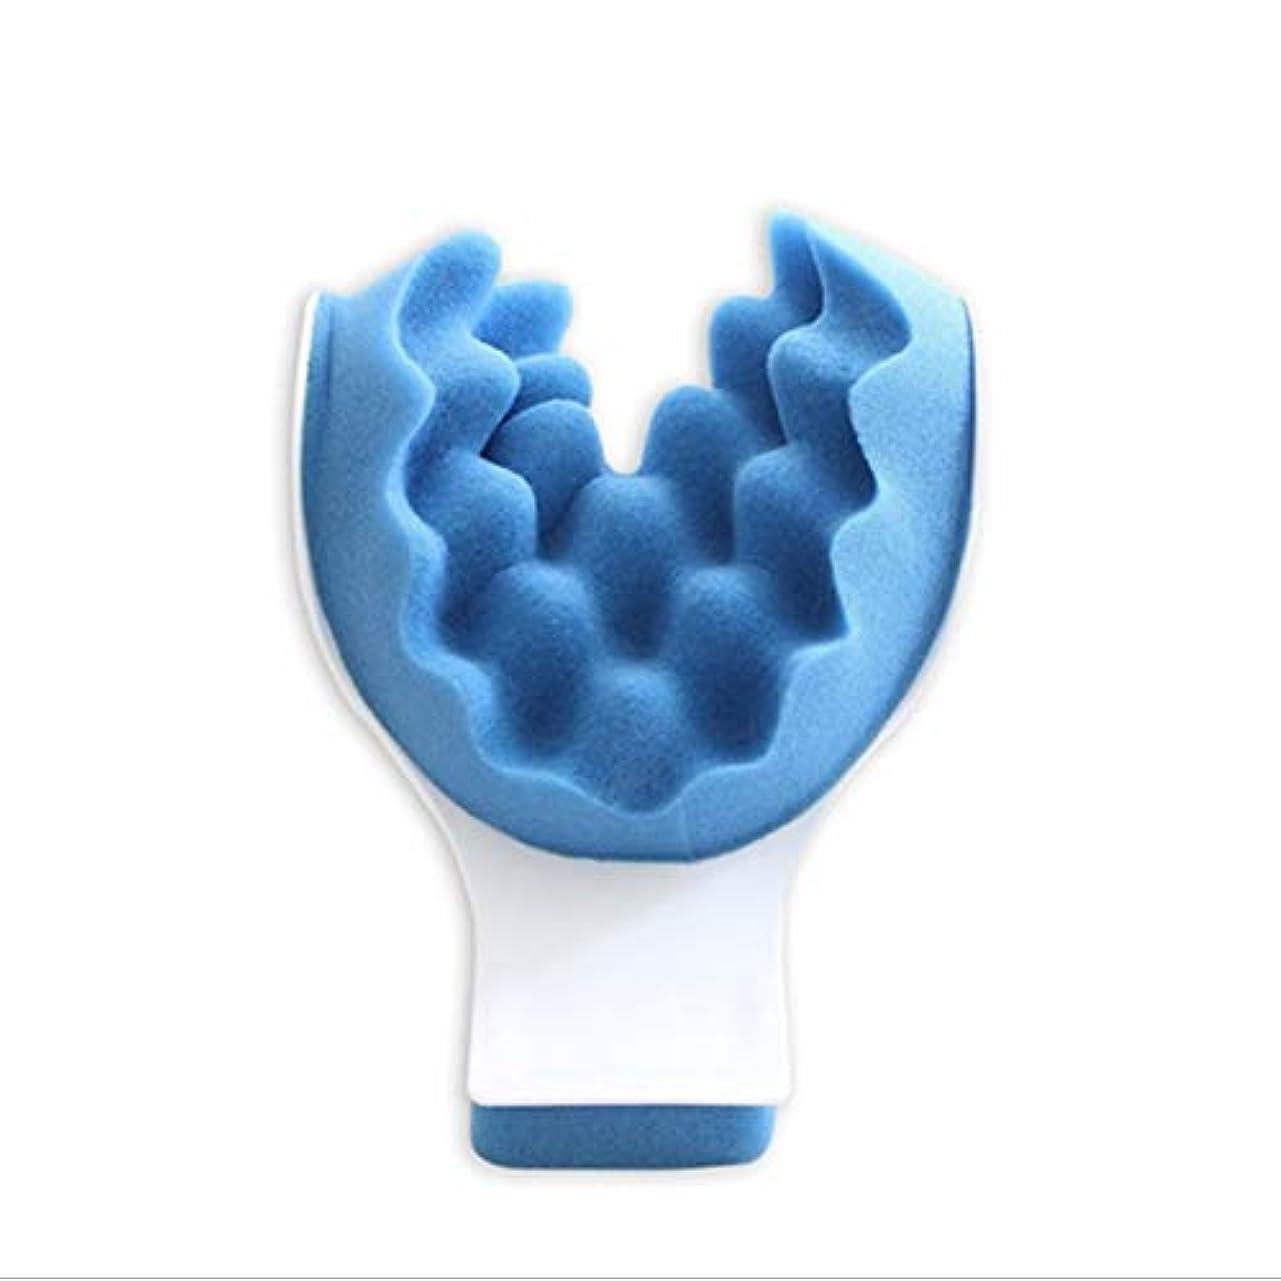 耳航空機酒マッスルテンションリリーフタイトネスと痛みの緩和セラピーティックネックサポートテンションリリーフネック&ショルダーリラクサー - ブルー